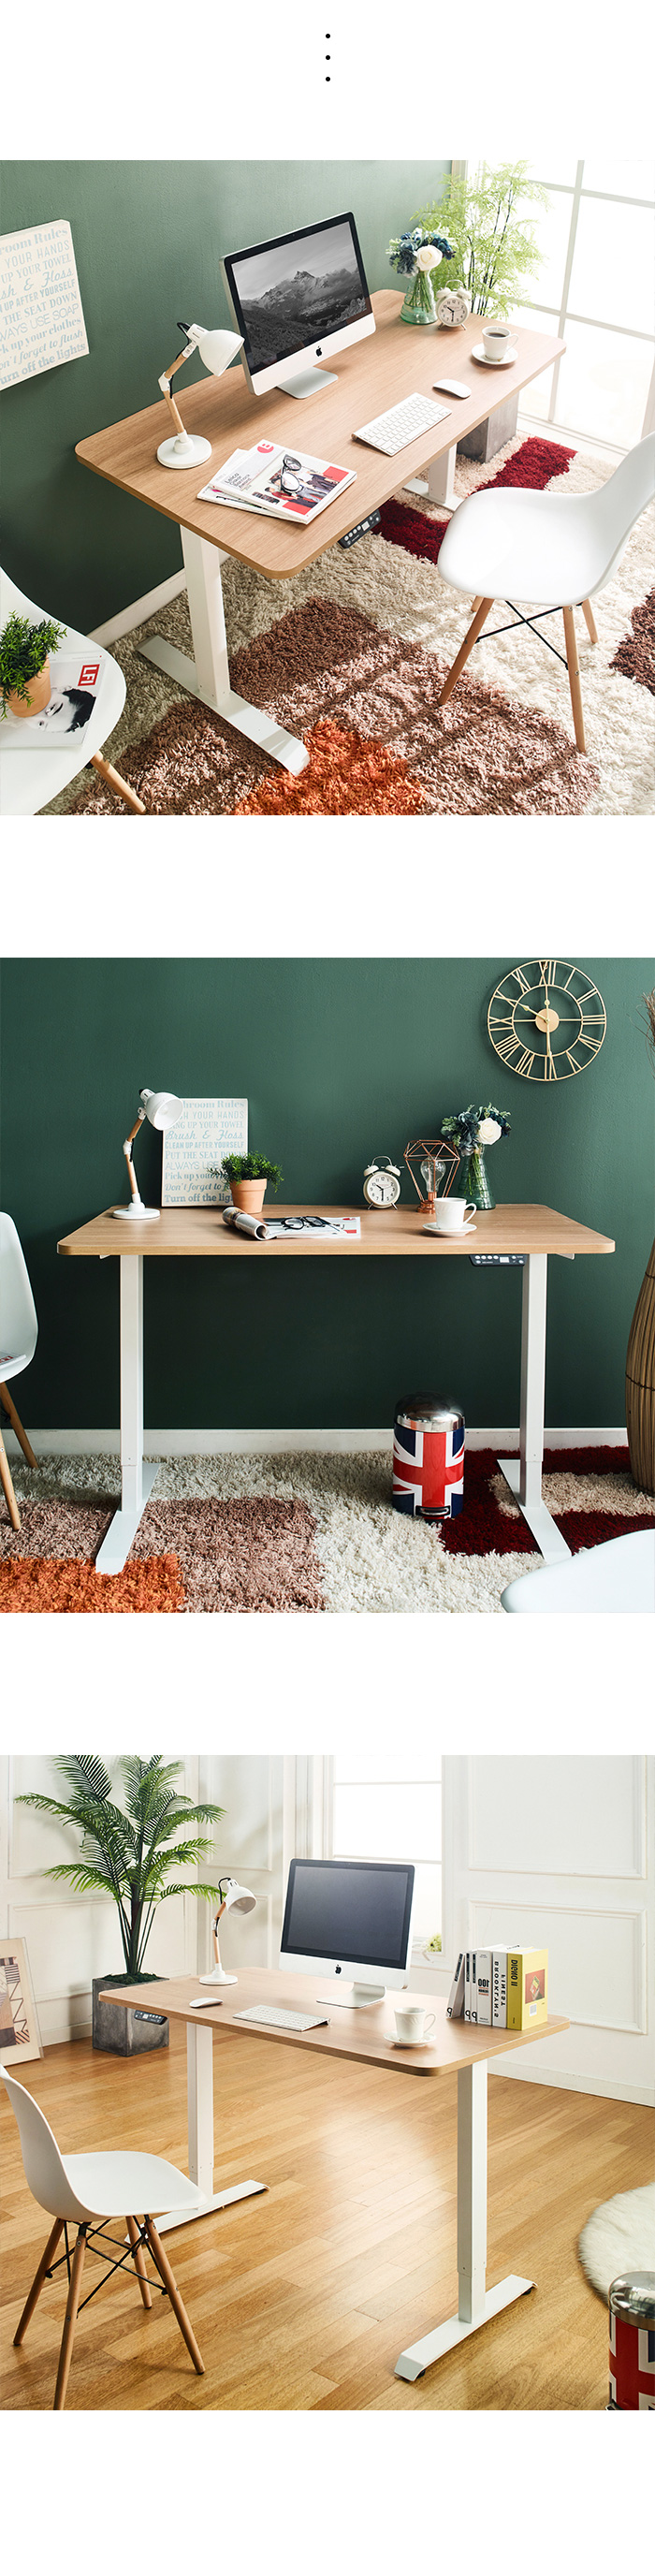 Oxford-003-Adjustable-Desk_181227-04.jpg